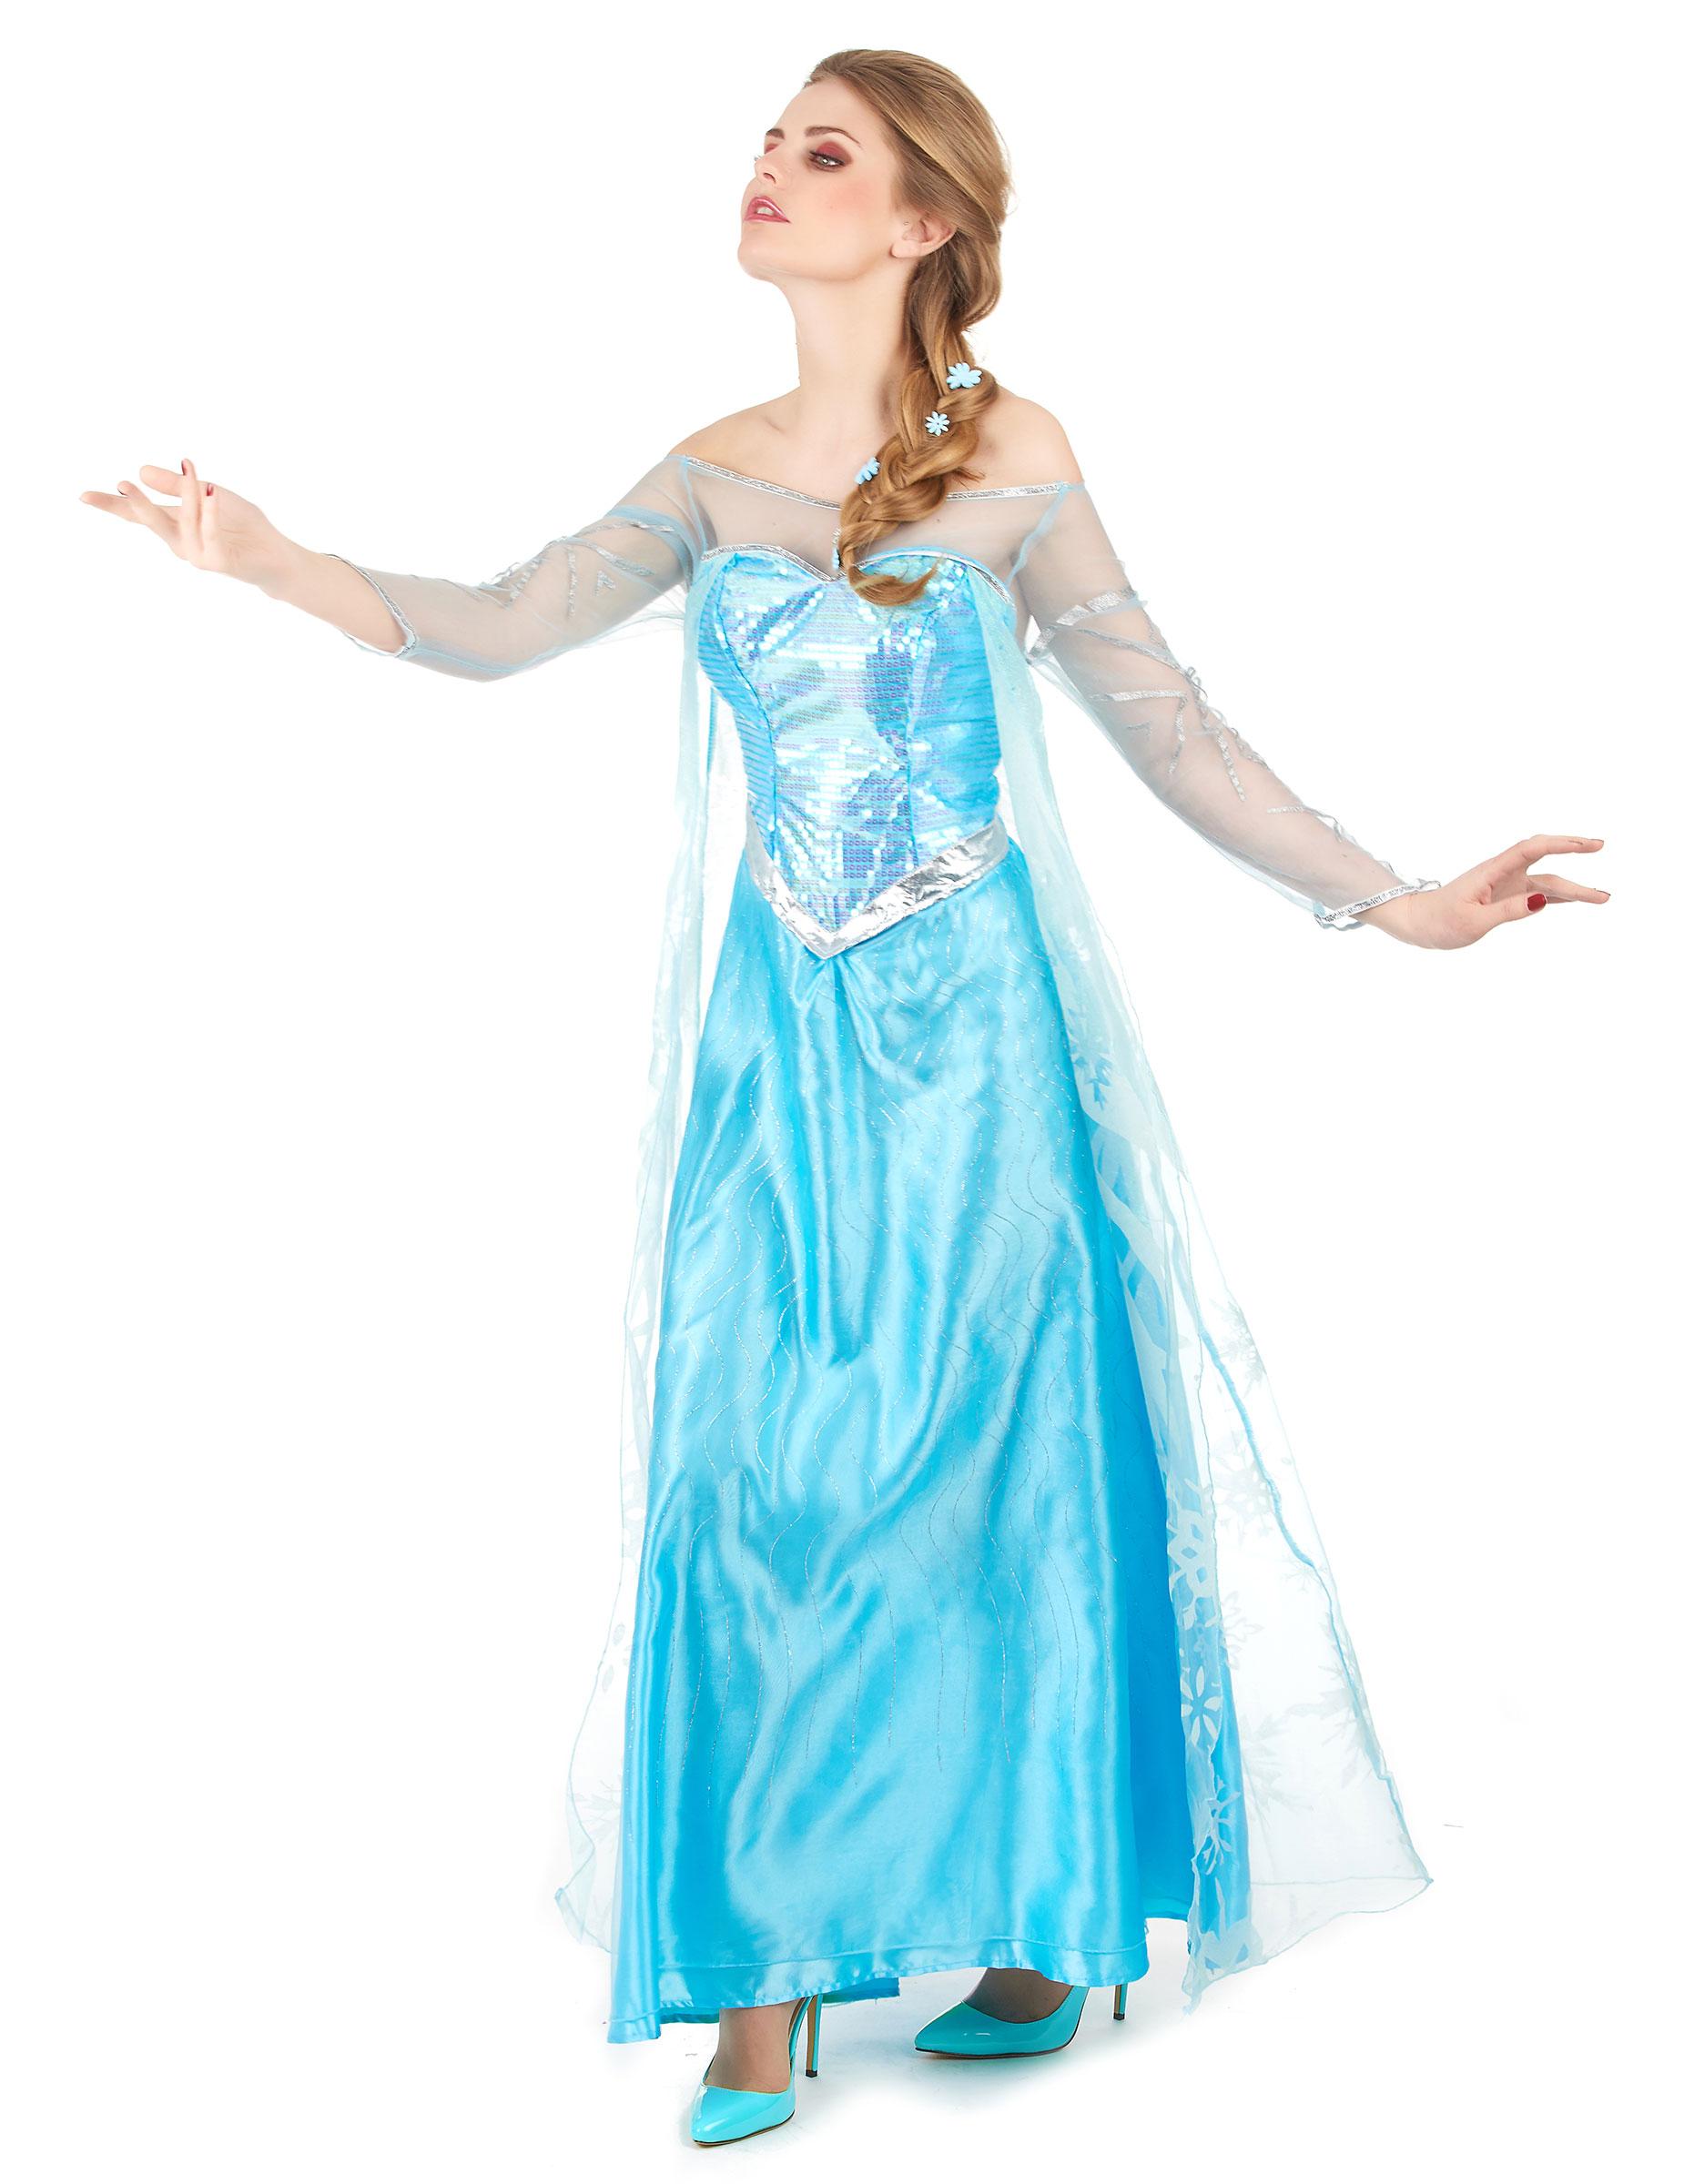 D guisement elsa la reine des neiges adulte deguise toi - Elsa la reine ...